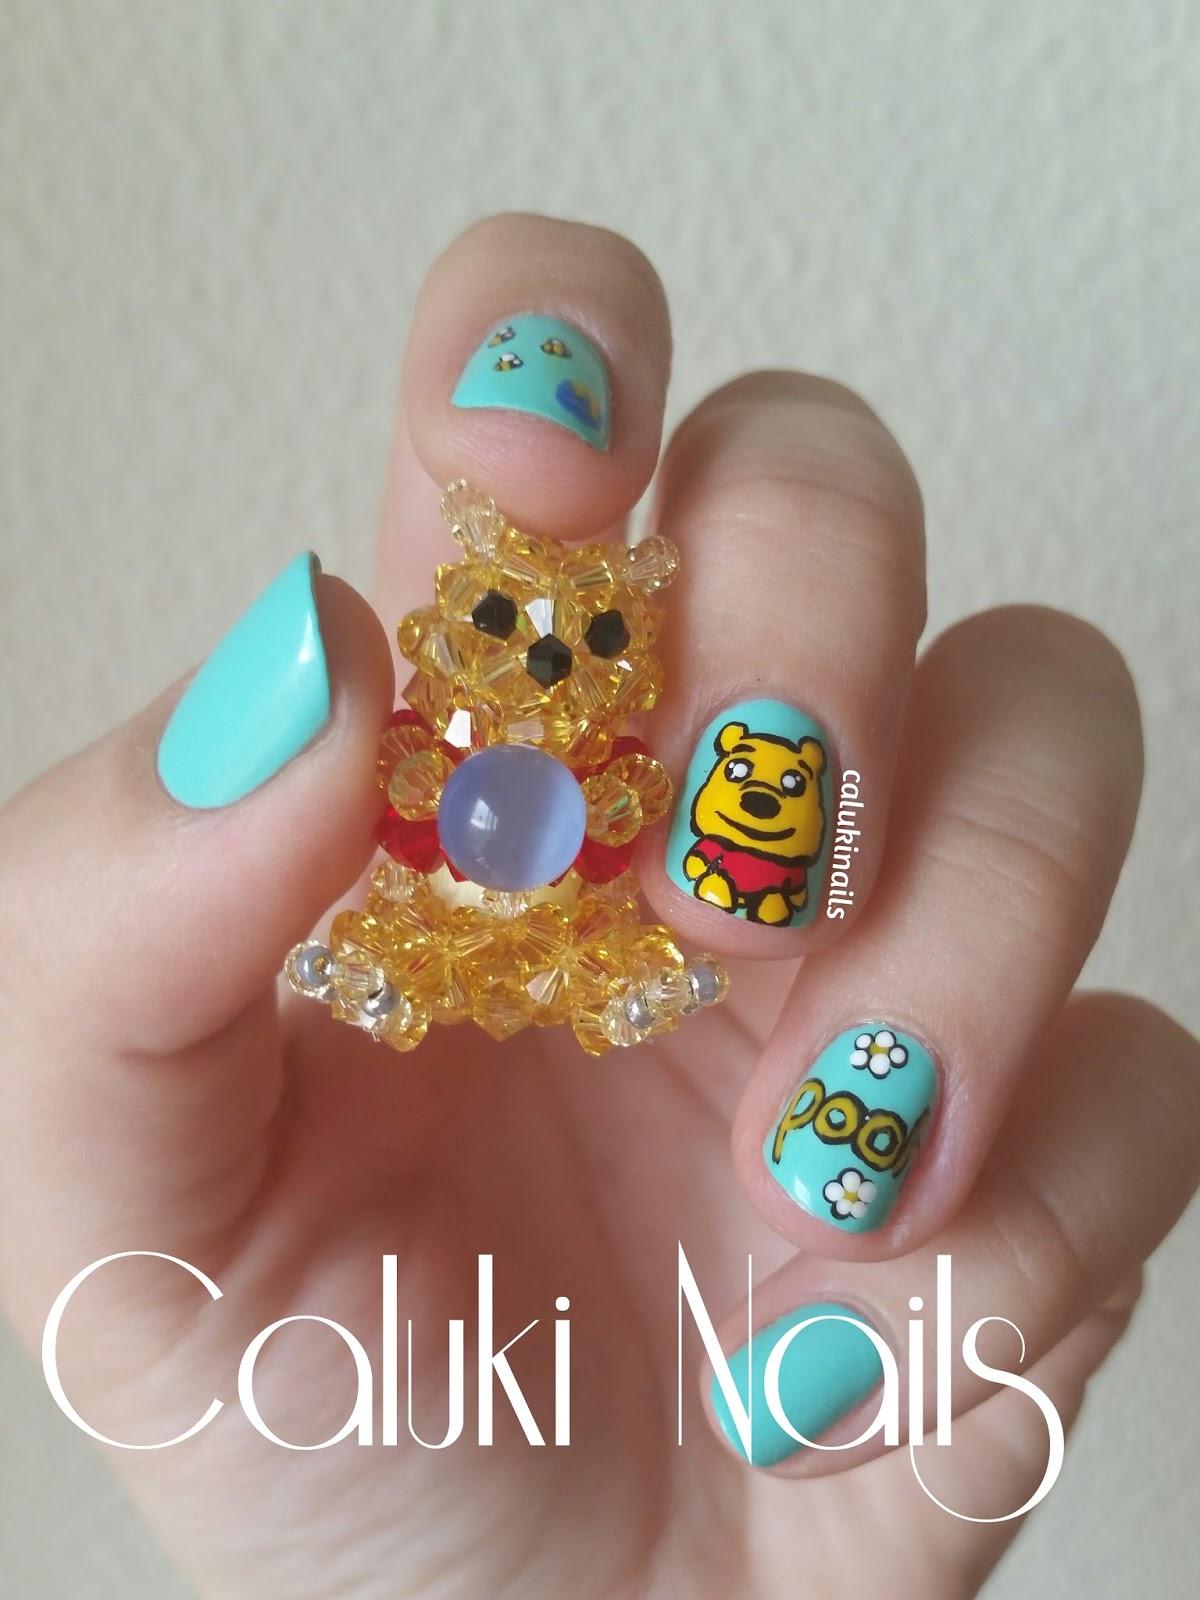 son las manualidades, y aquí quiero que veáis uno de los muñecos que he hecho con cristales de Swarovski con la forma de Winnie the Pooh.